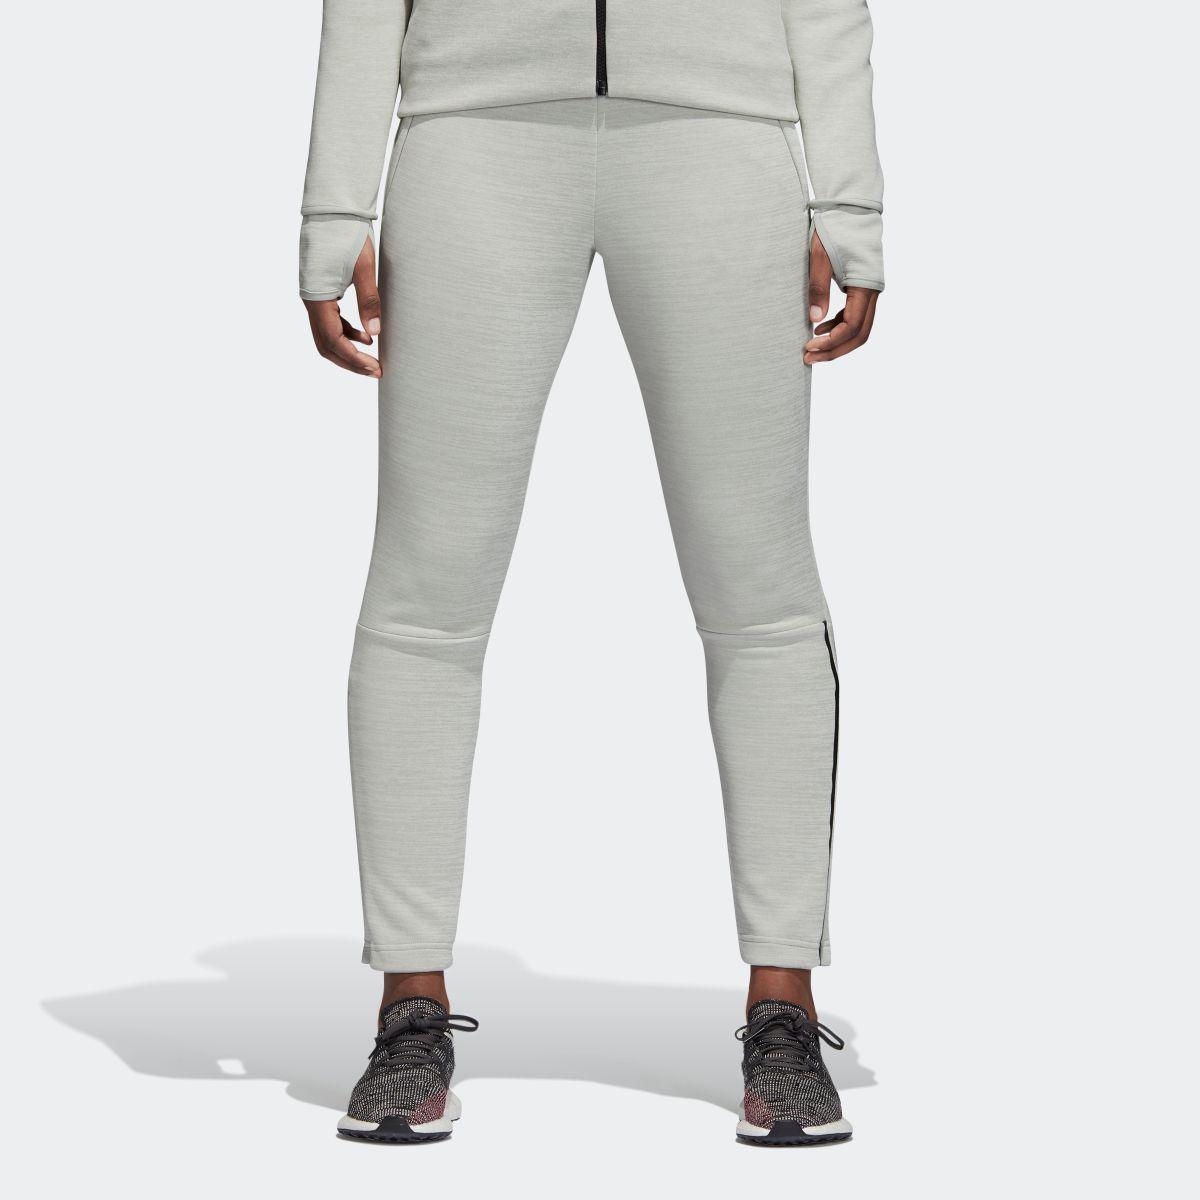 全品送料無料中! 9/4 17:00~9/11 16:59 【公式】アディダス adidas W adidas Z.N.E. パンツ レディース CZ2828 ジム・トレーニング ウェア ダブルニット